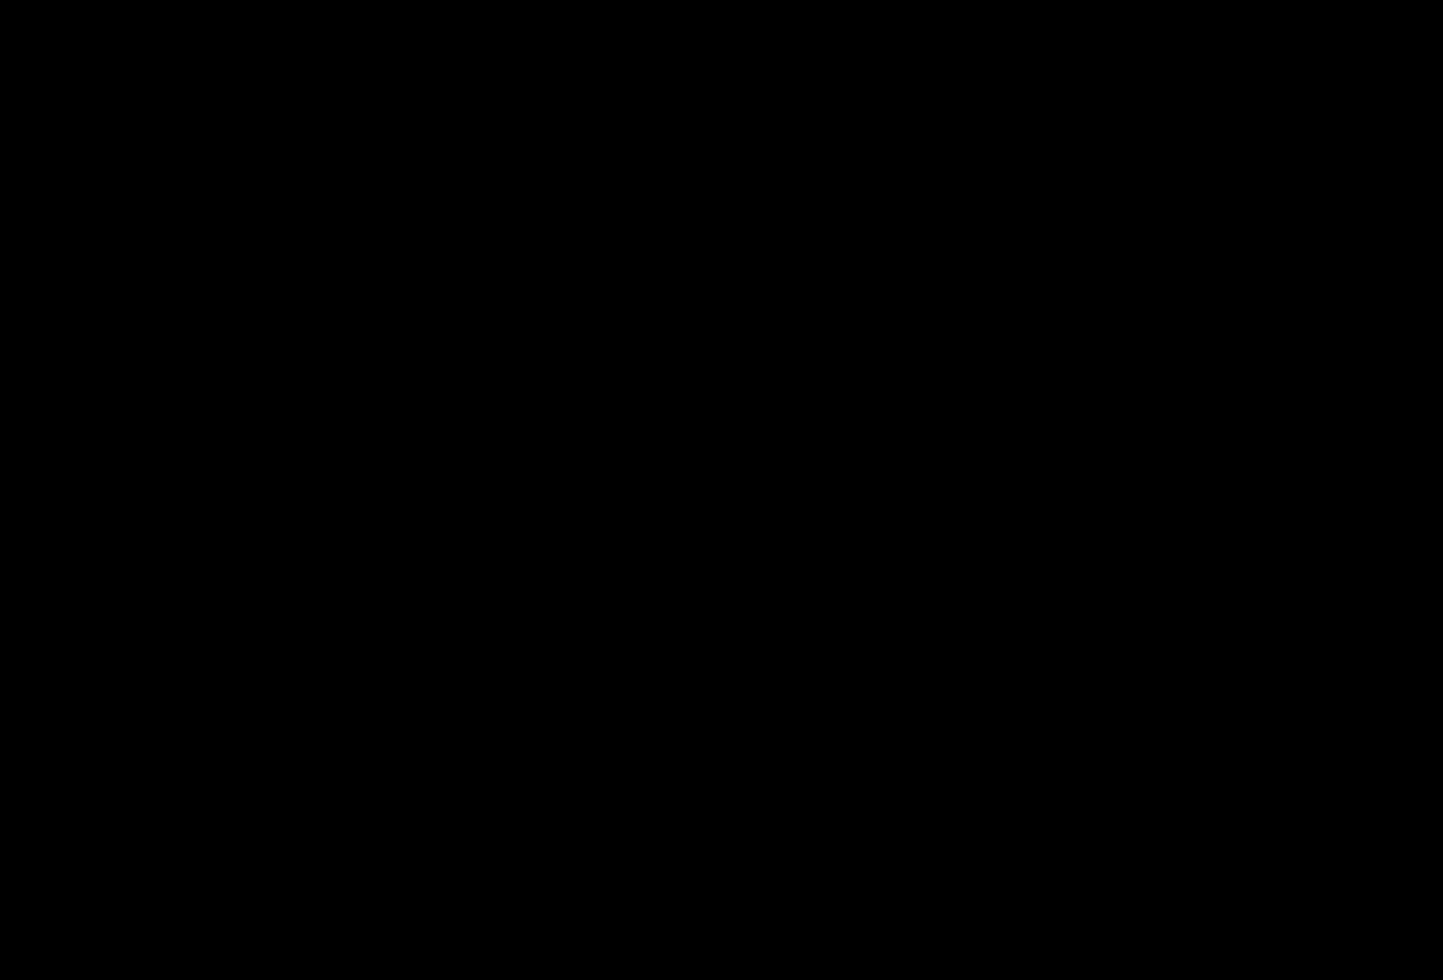 borboleta png